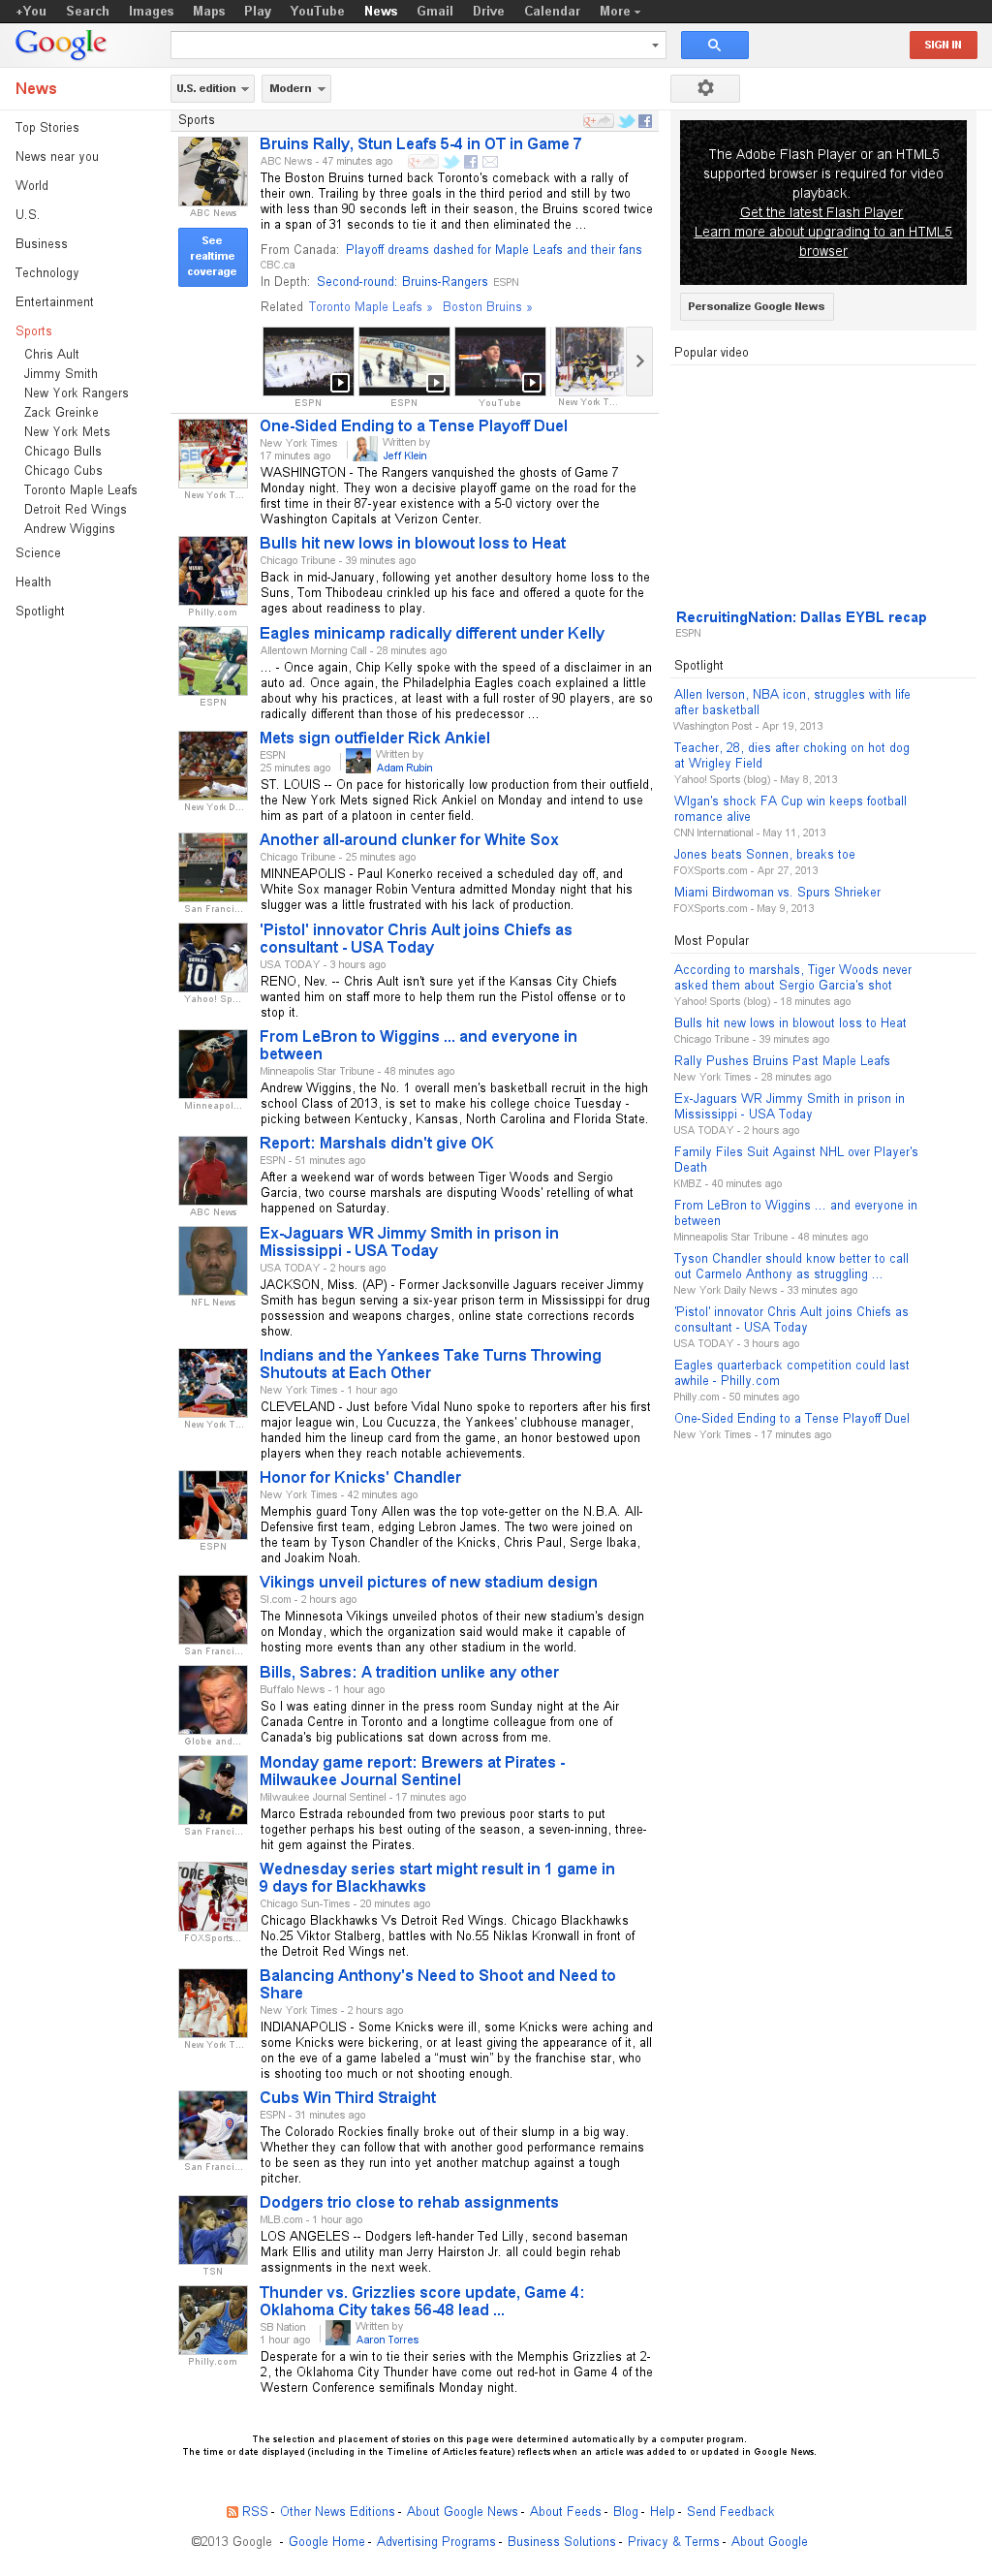 Google News: Sports at Tuesday May 14, 2013, 4:09 a.m. UTC